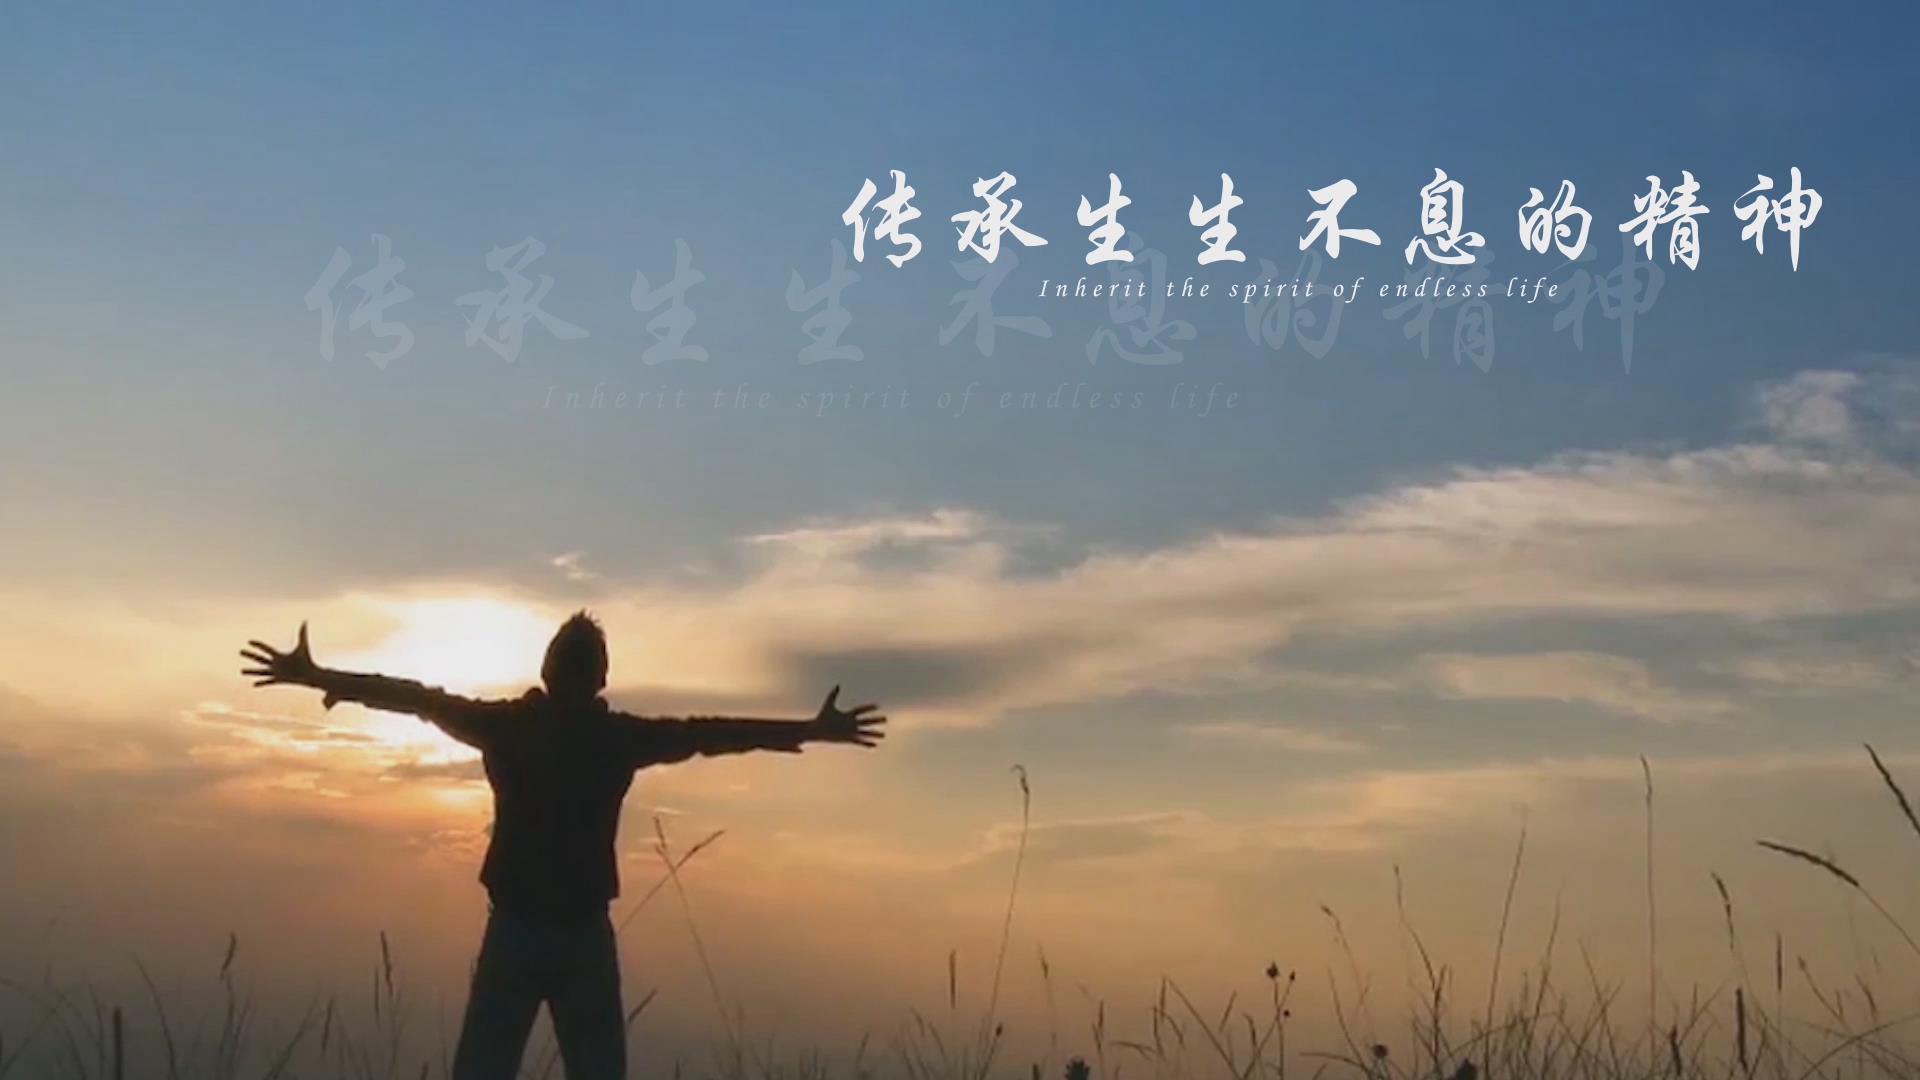 蓮湖區宣傳片案例-幸福制藥年會宣傳片